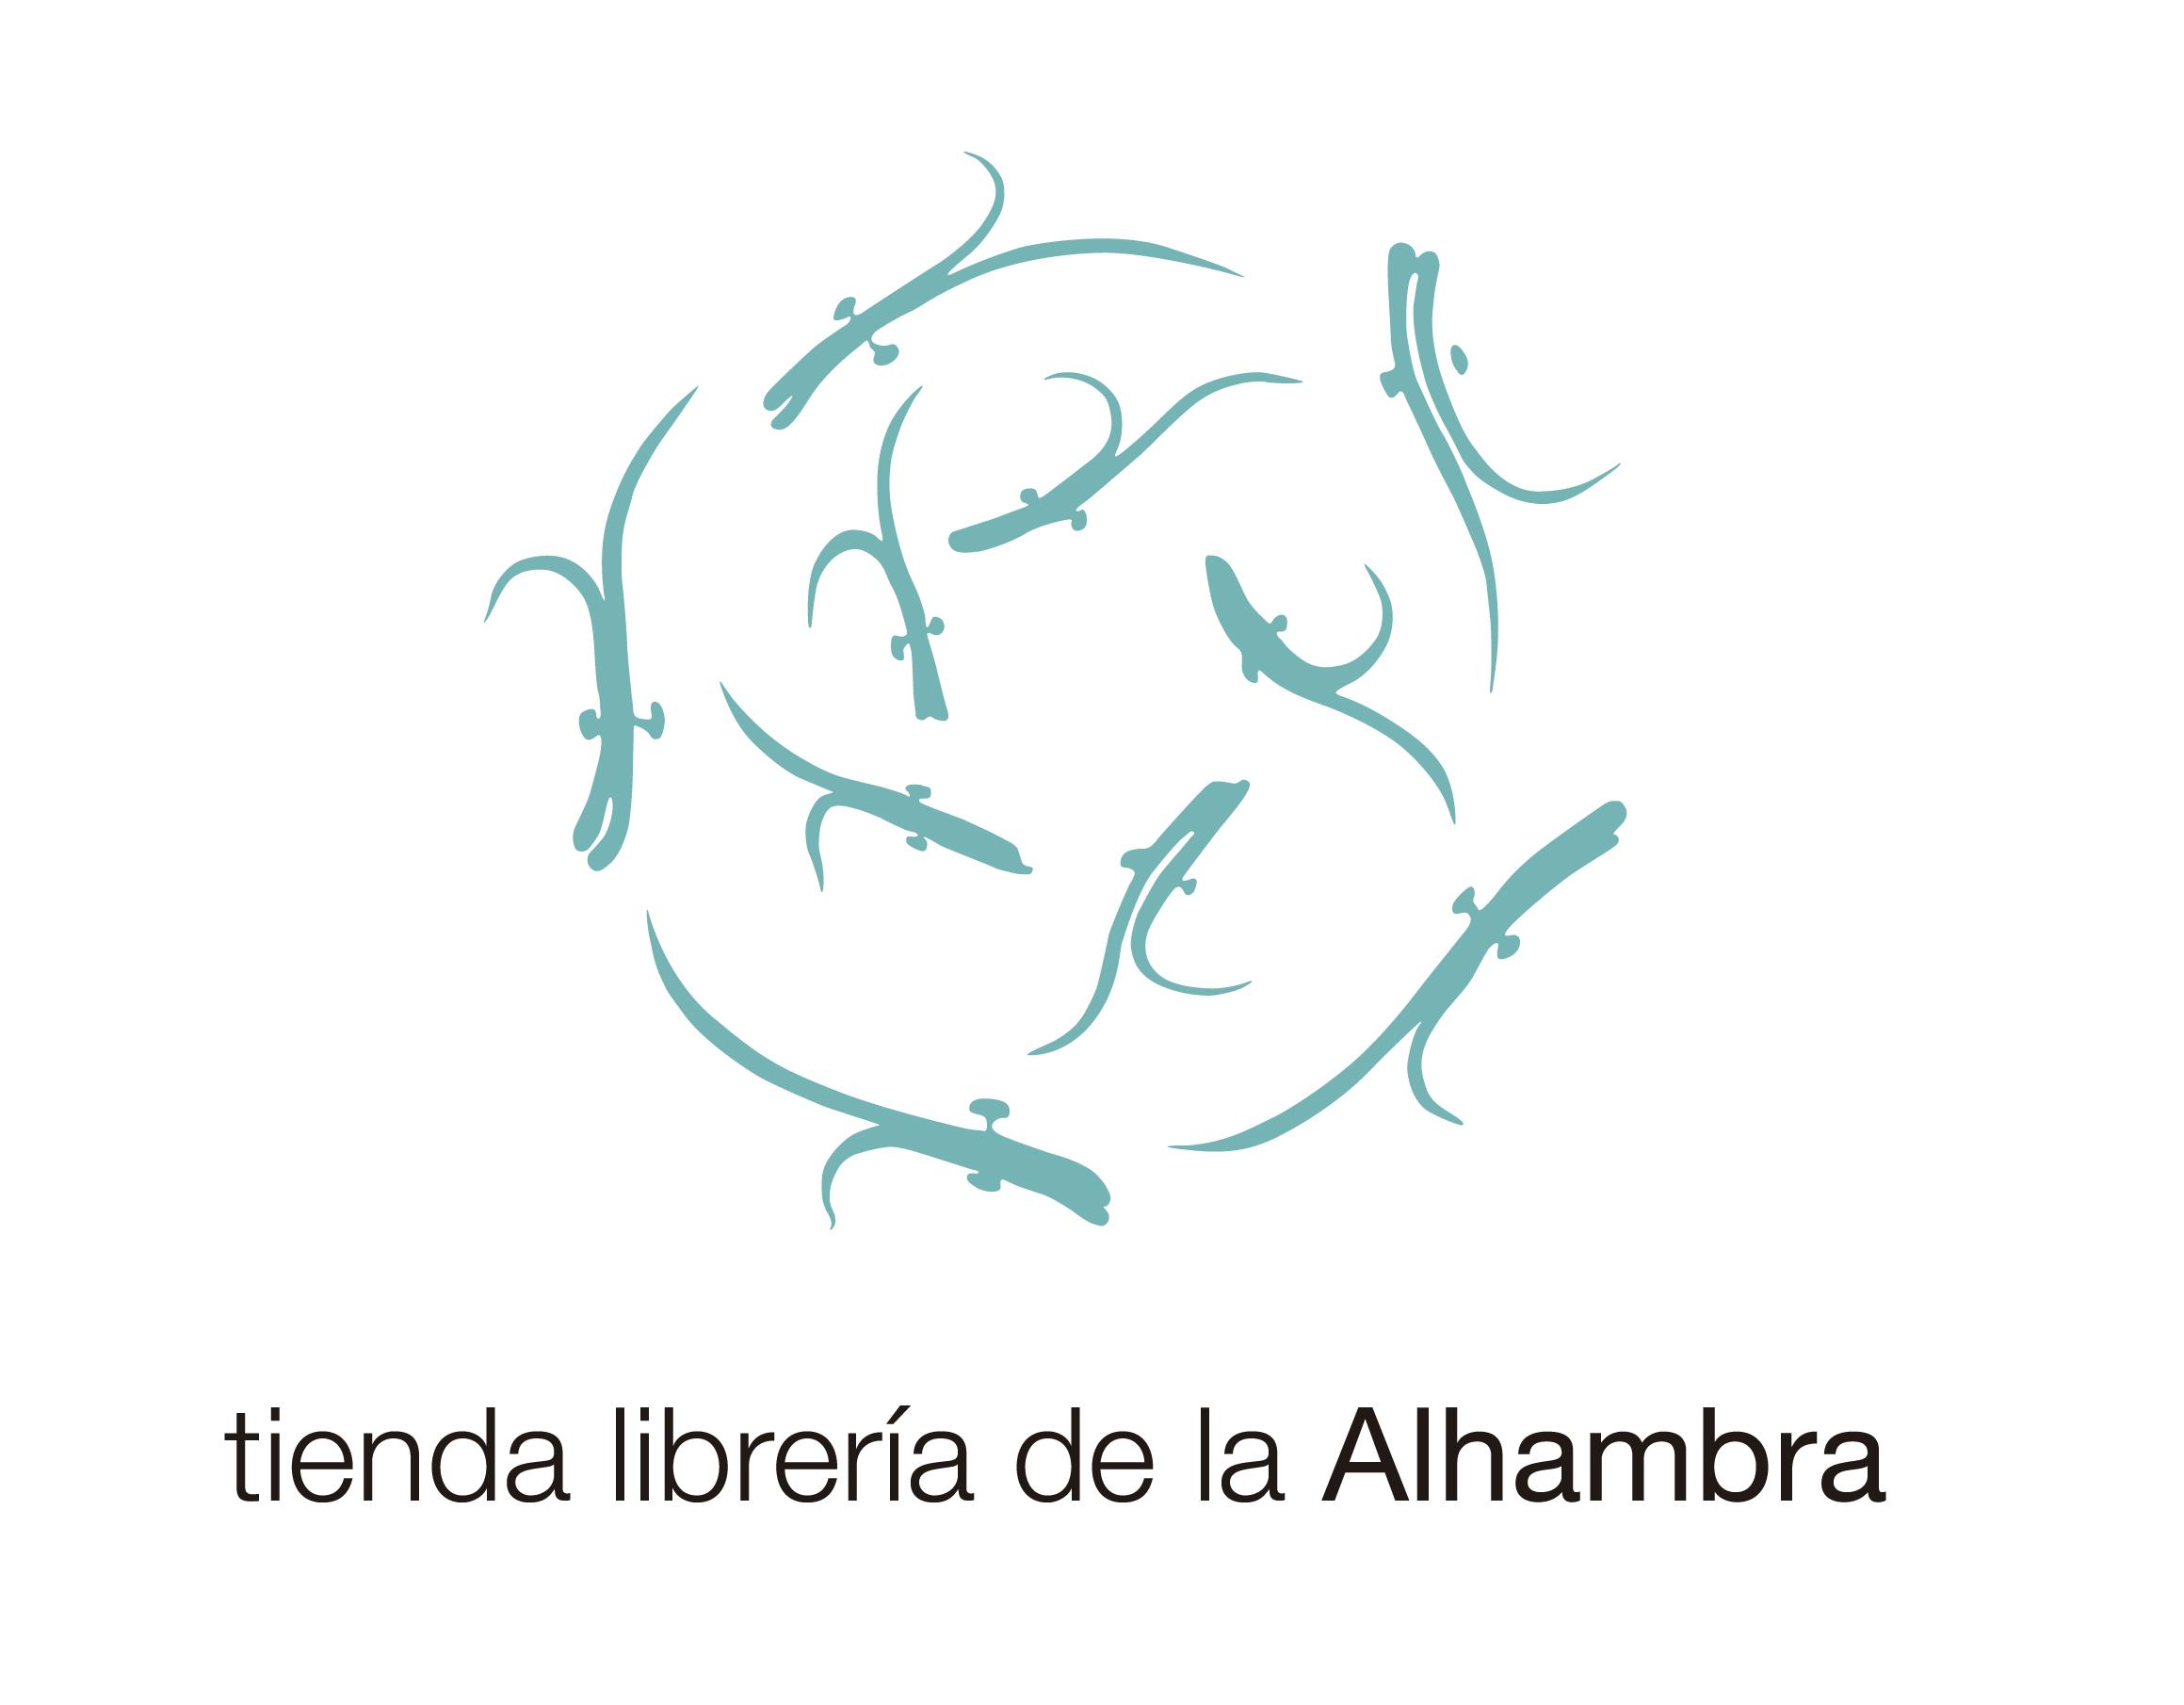 TIENDAS LIBRERÍA DE LA ALHAMBRA